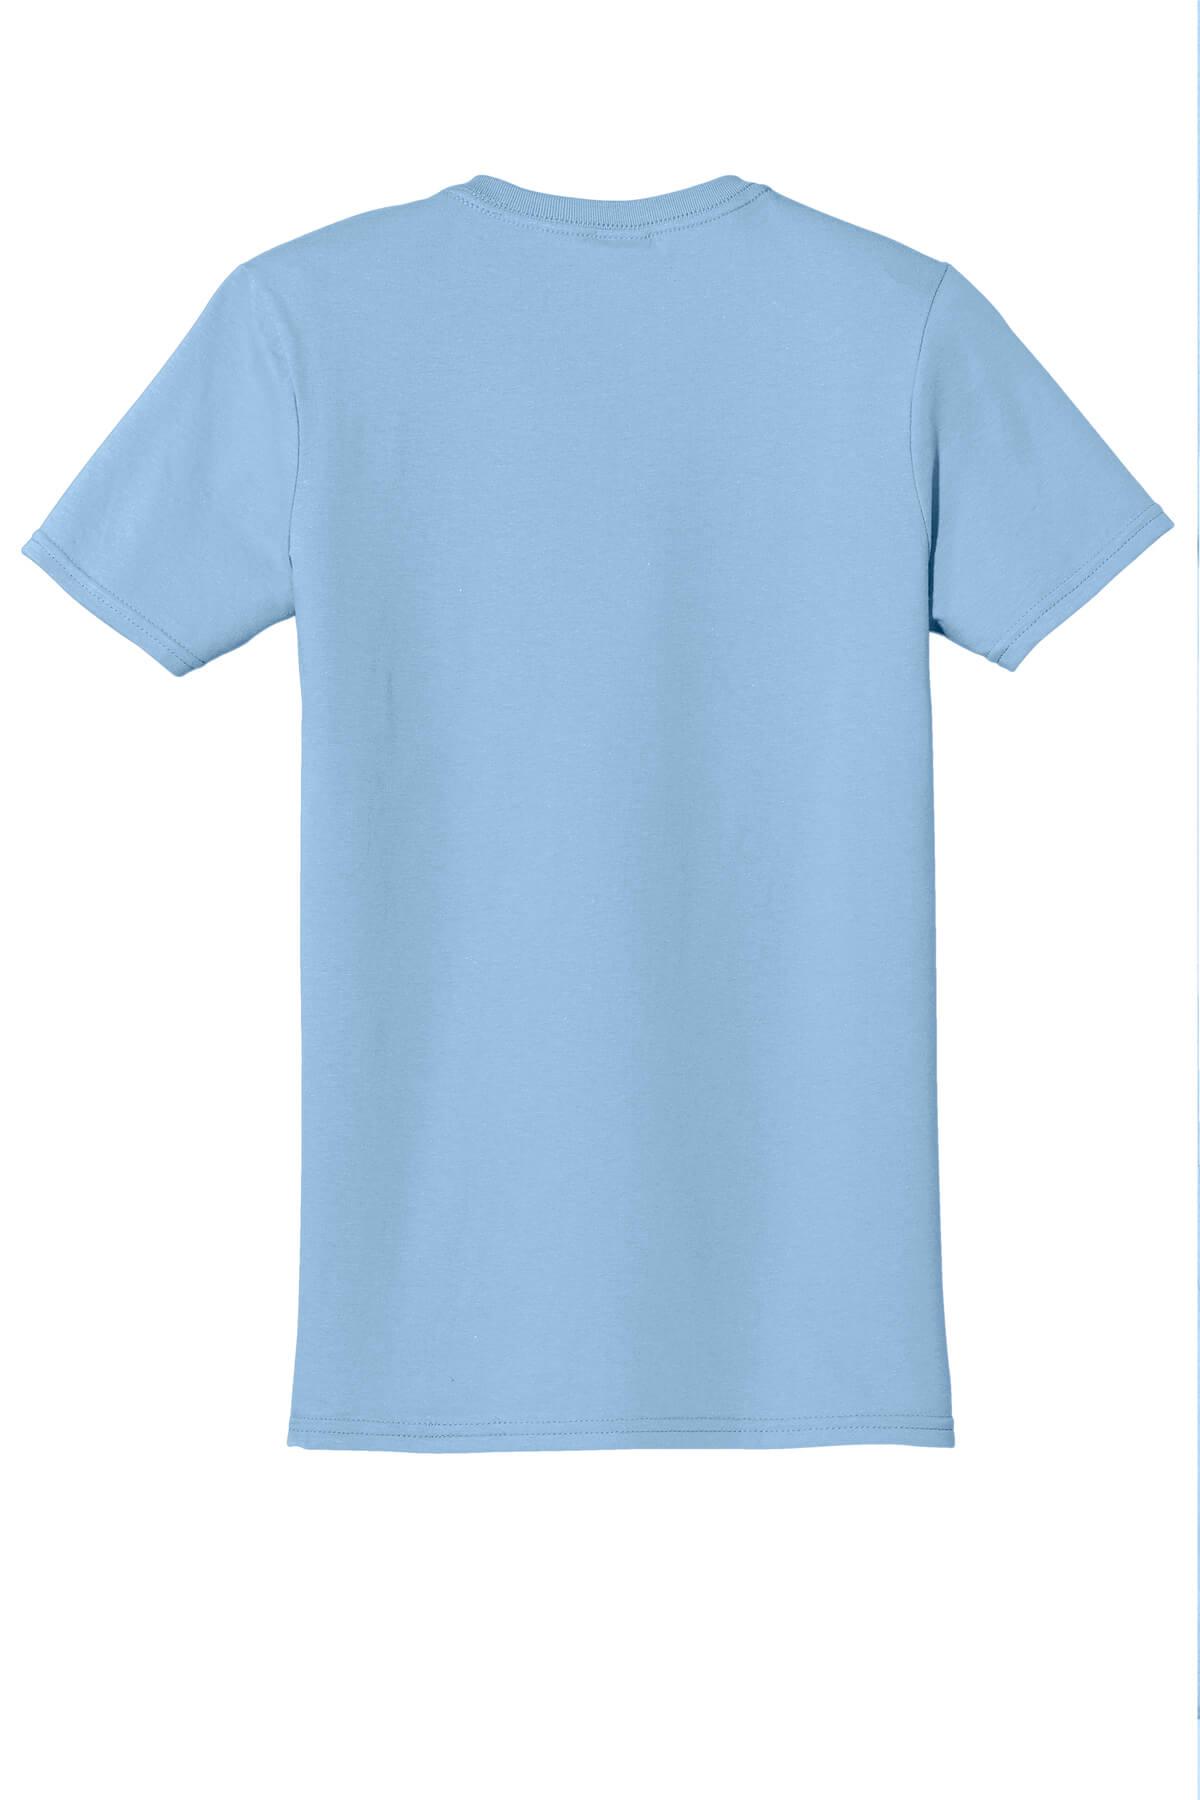 Light Blue T-Shirt Front